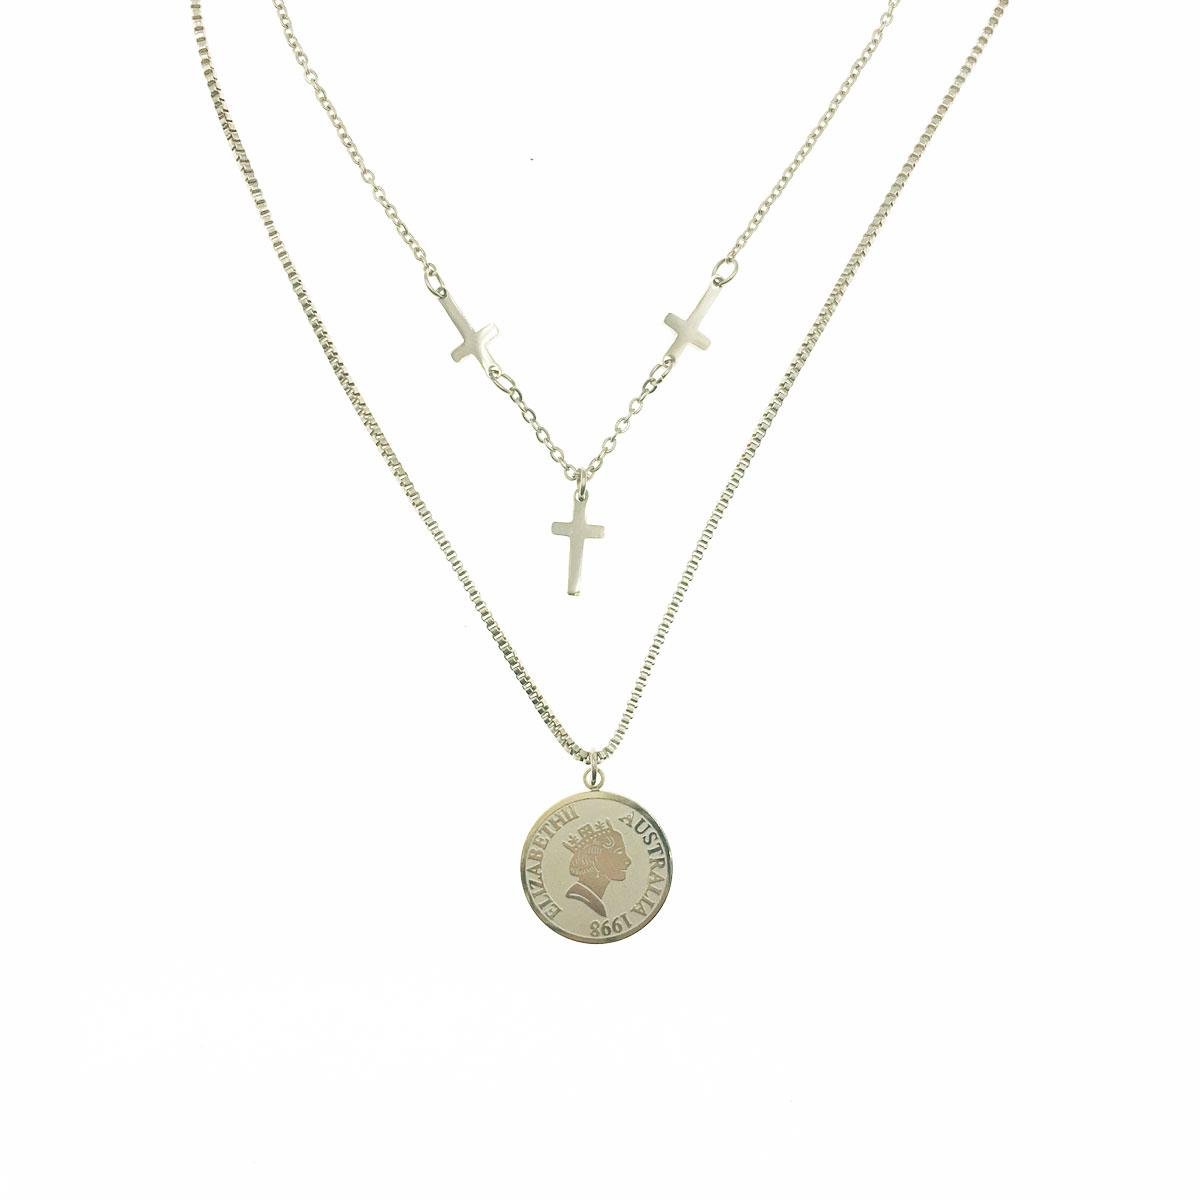 韓國 不銹鋼 十字架 女人頭 英文 雙層鍊 鎖骨鍊 短鍊 項鍊